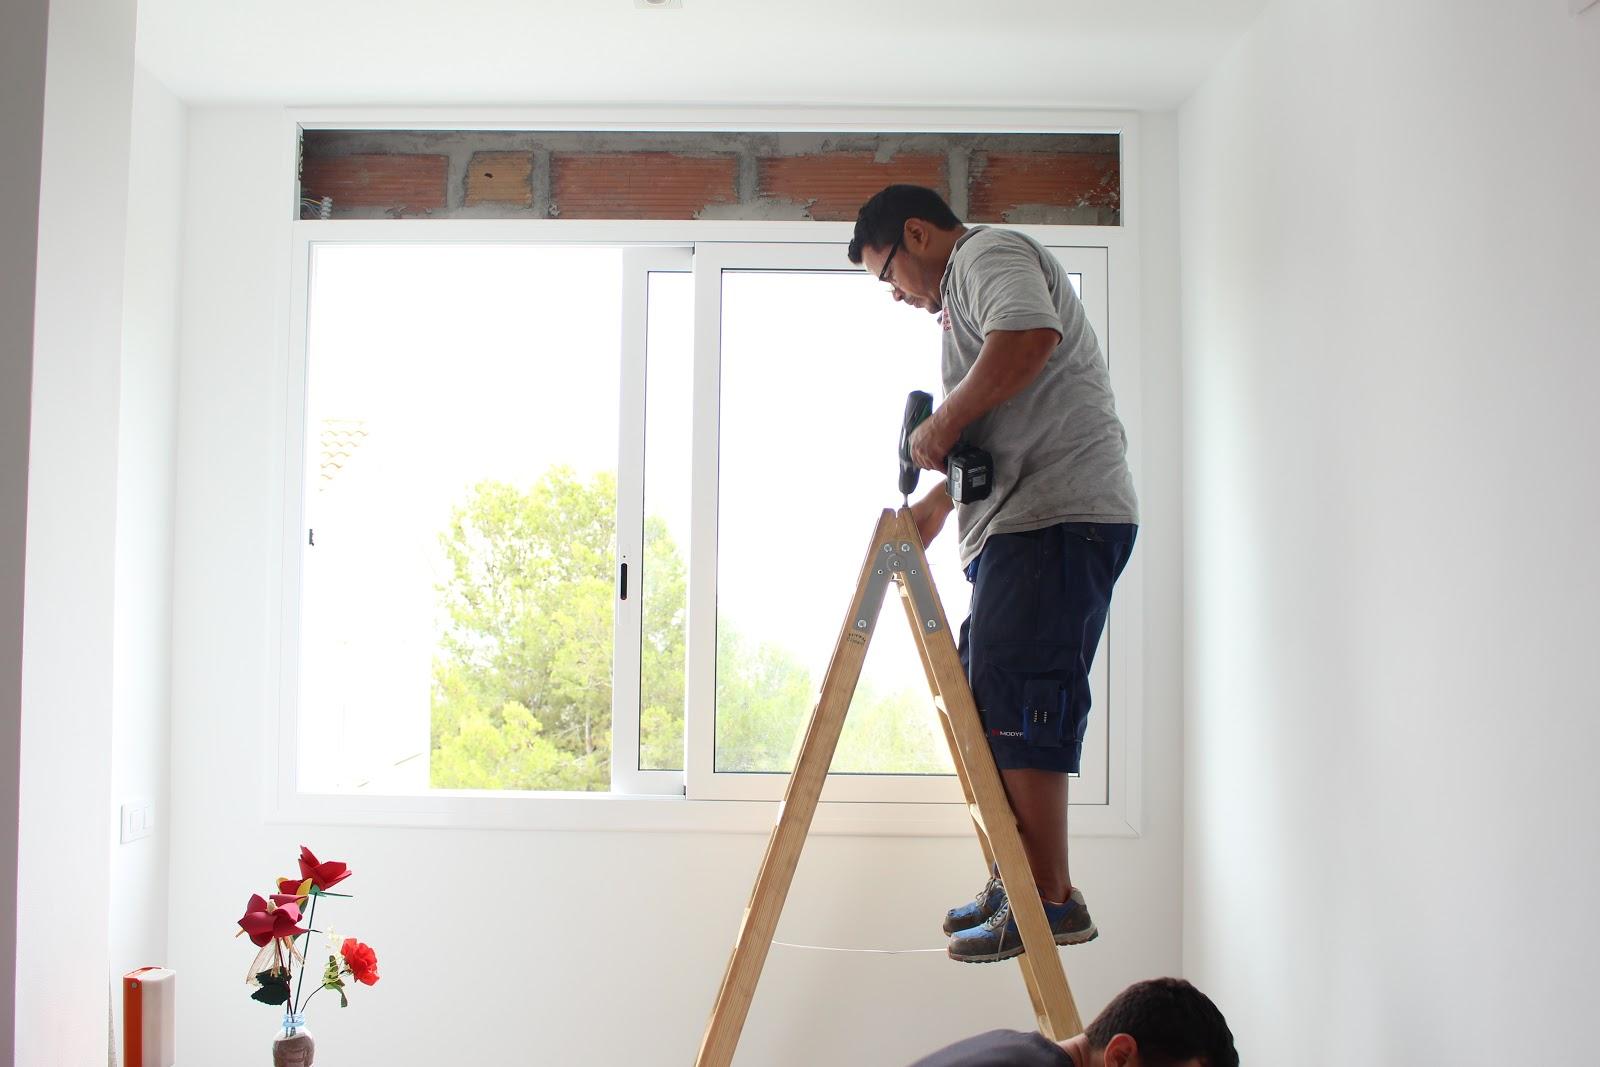 Persiauto instalaci n persianas supergradhermetic for Instalacion de ventanas de aluminio